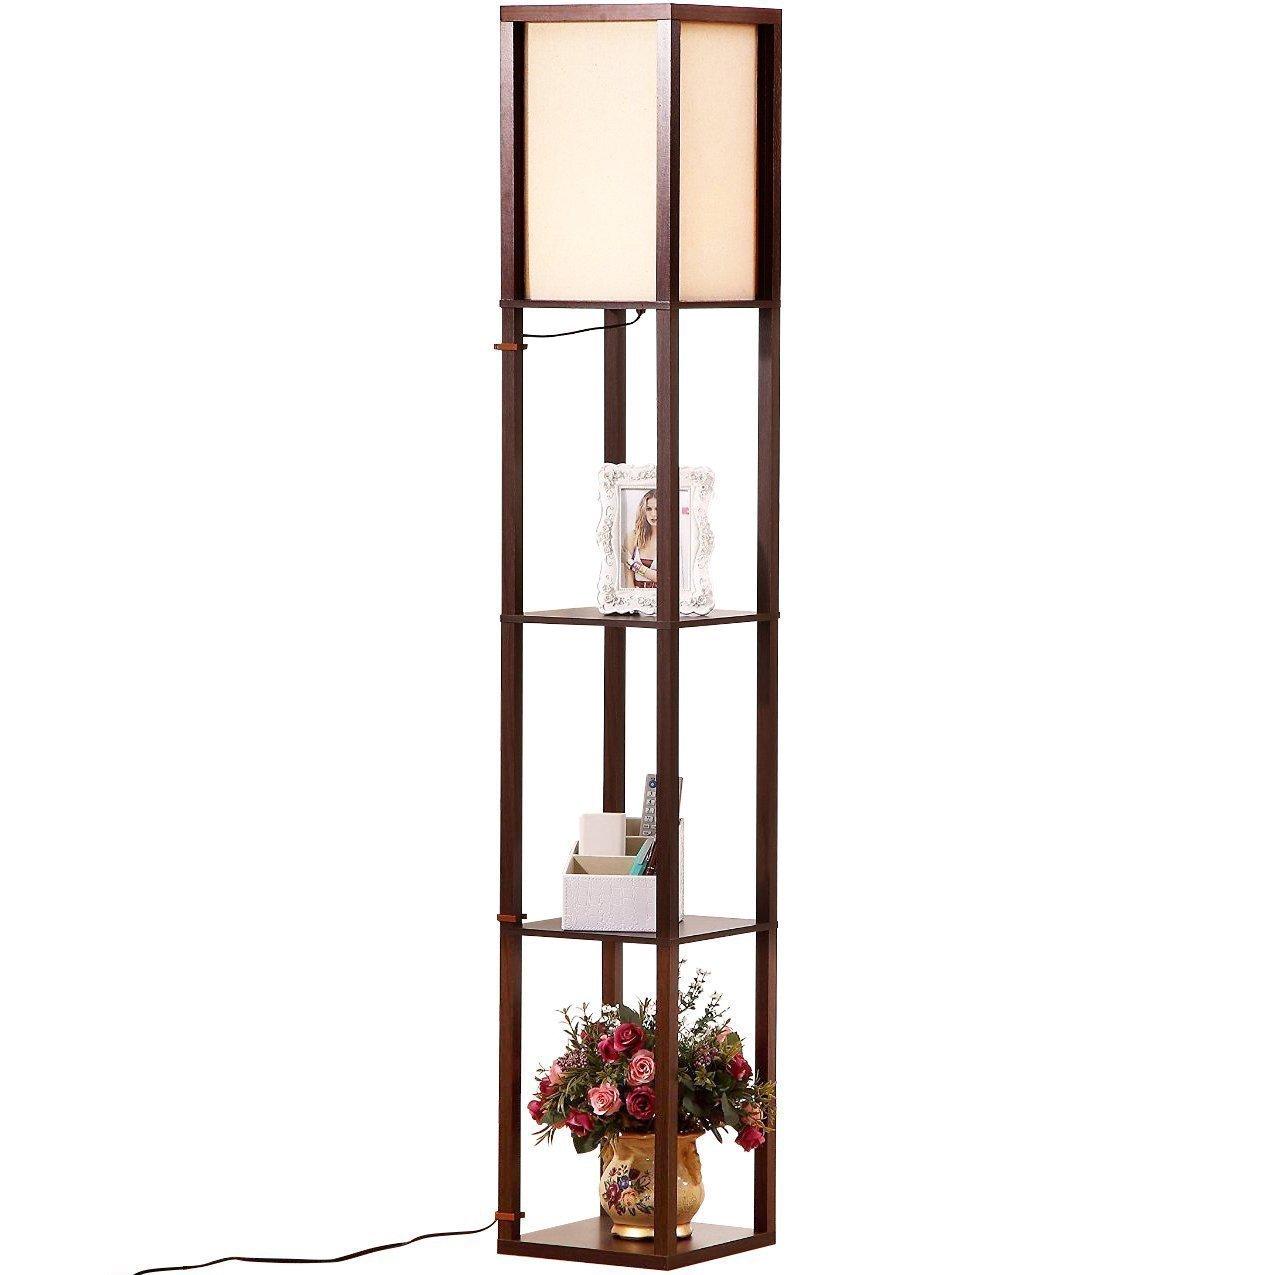 Brightech Maxwell Led Shelf Floor Lamp a Modern Asian ...